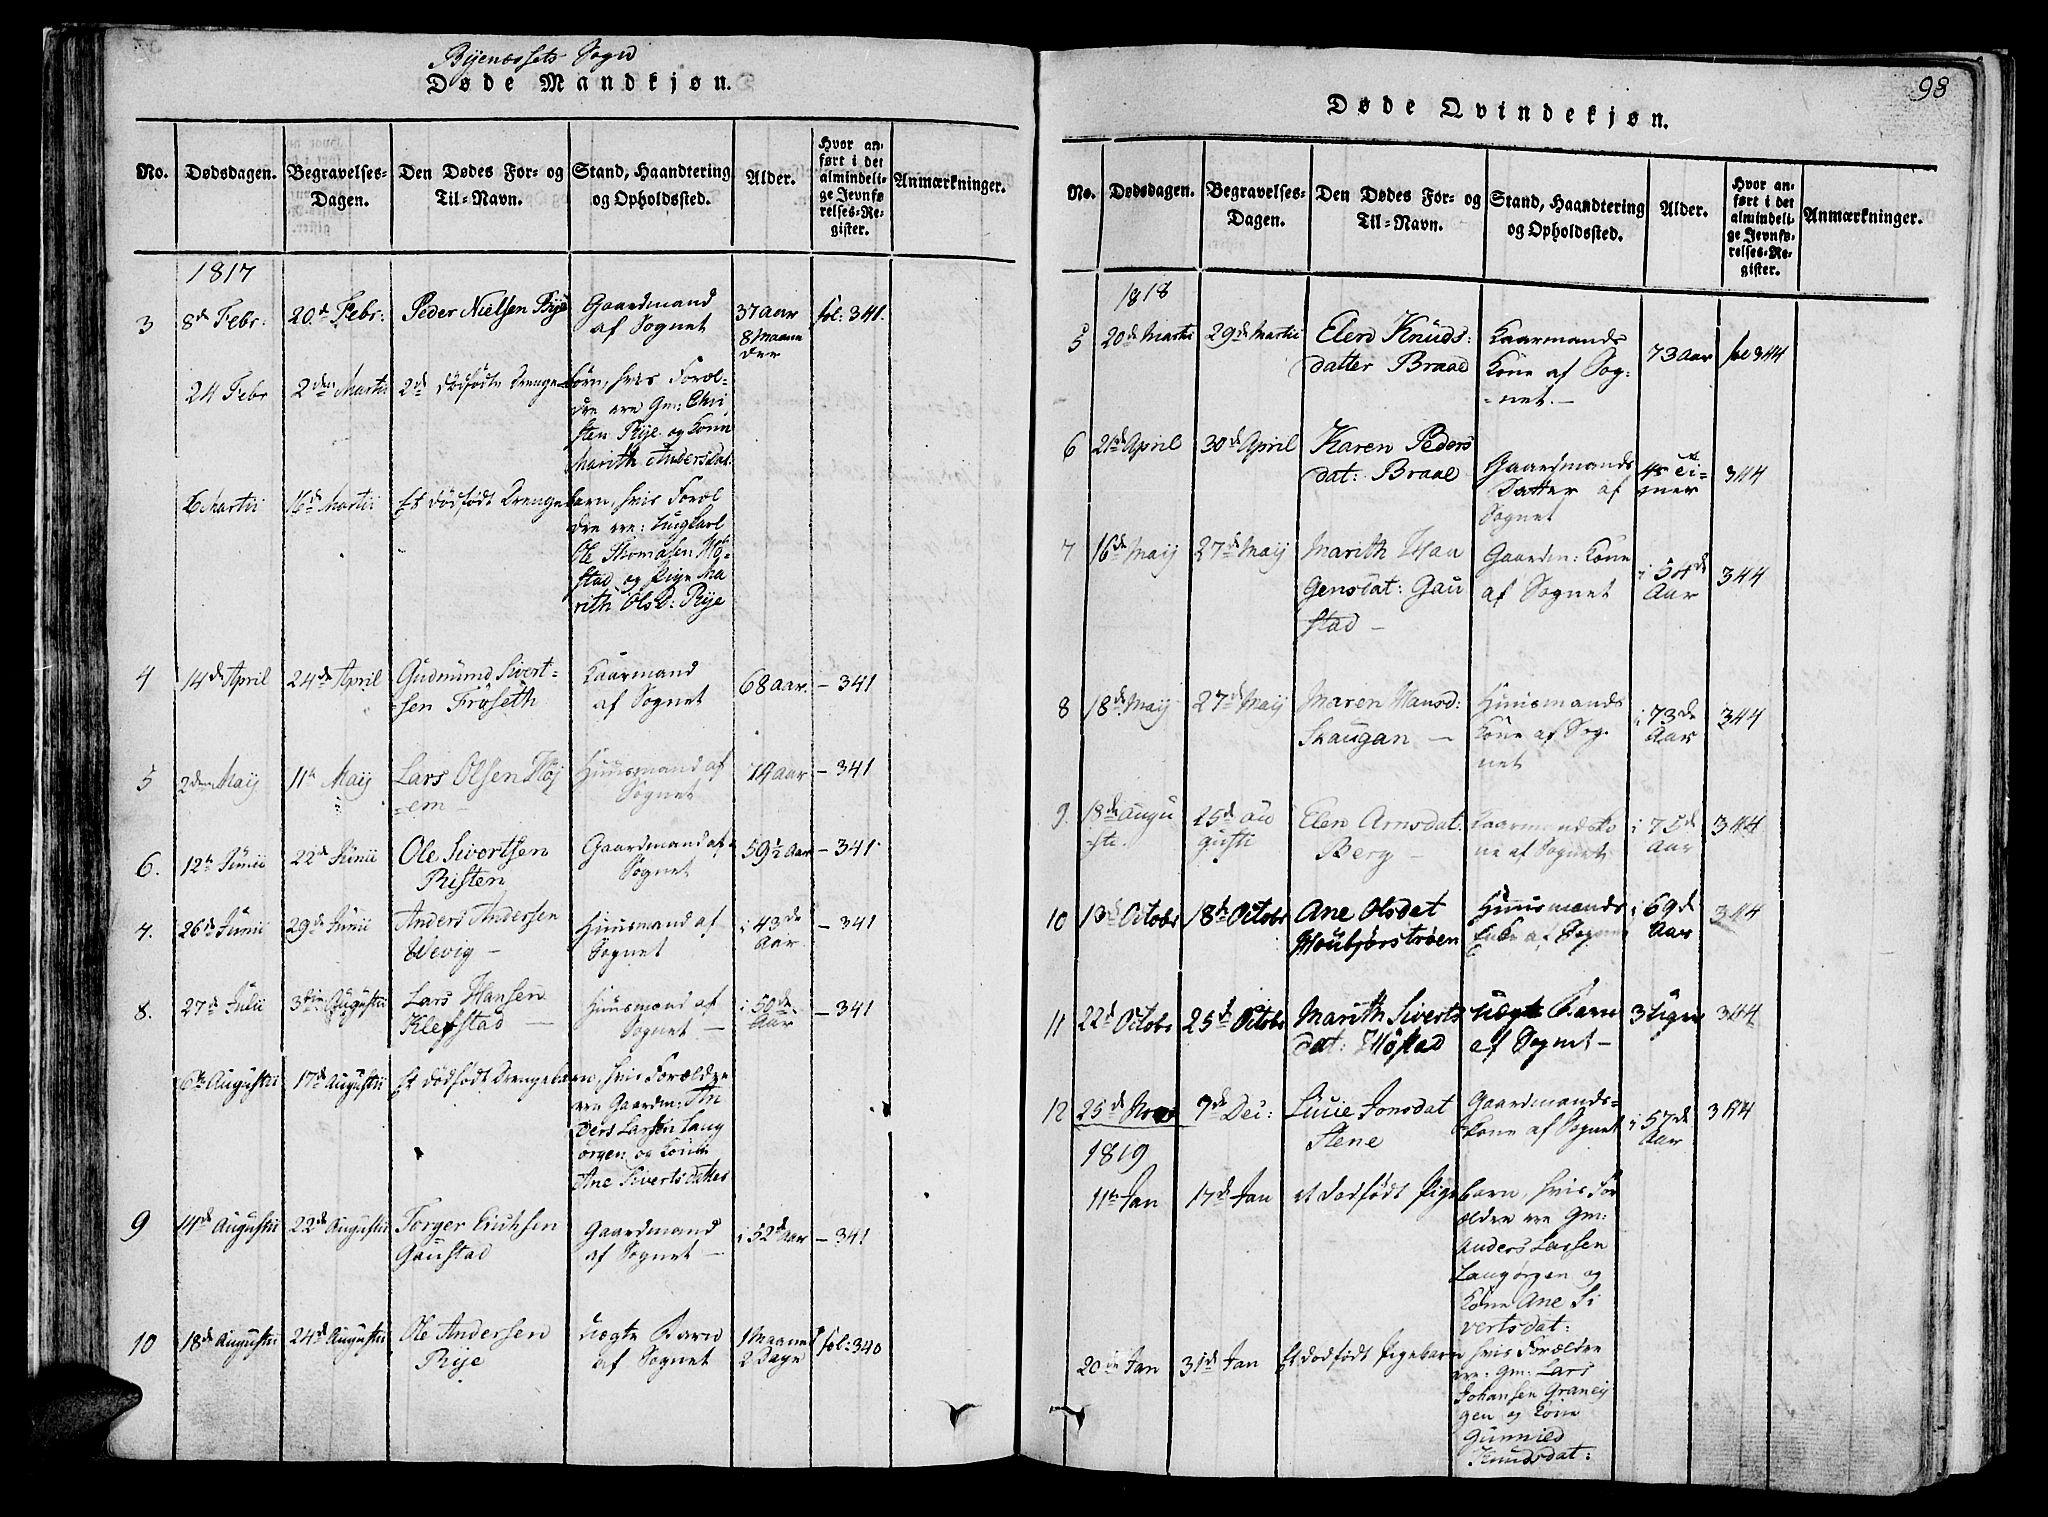 SAT, Ministerialprotokoller, klokkerbøker og fødselsregistre - Sør-Trøndelag, 612/L0372: Ministerialbok nr. 612A06 /1, 1816-1828, s. 98